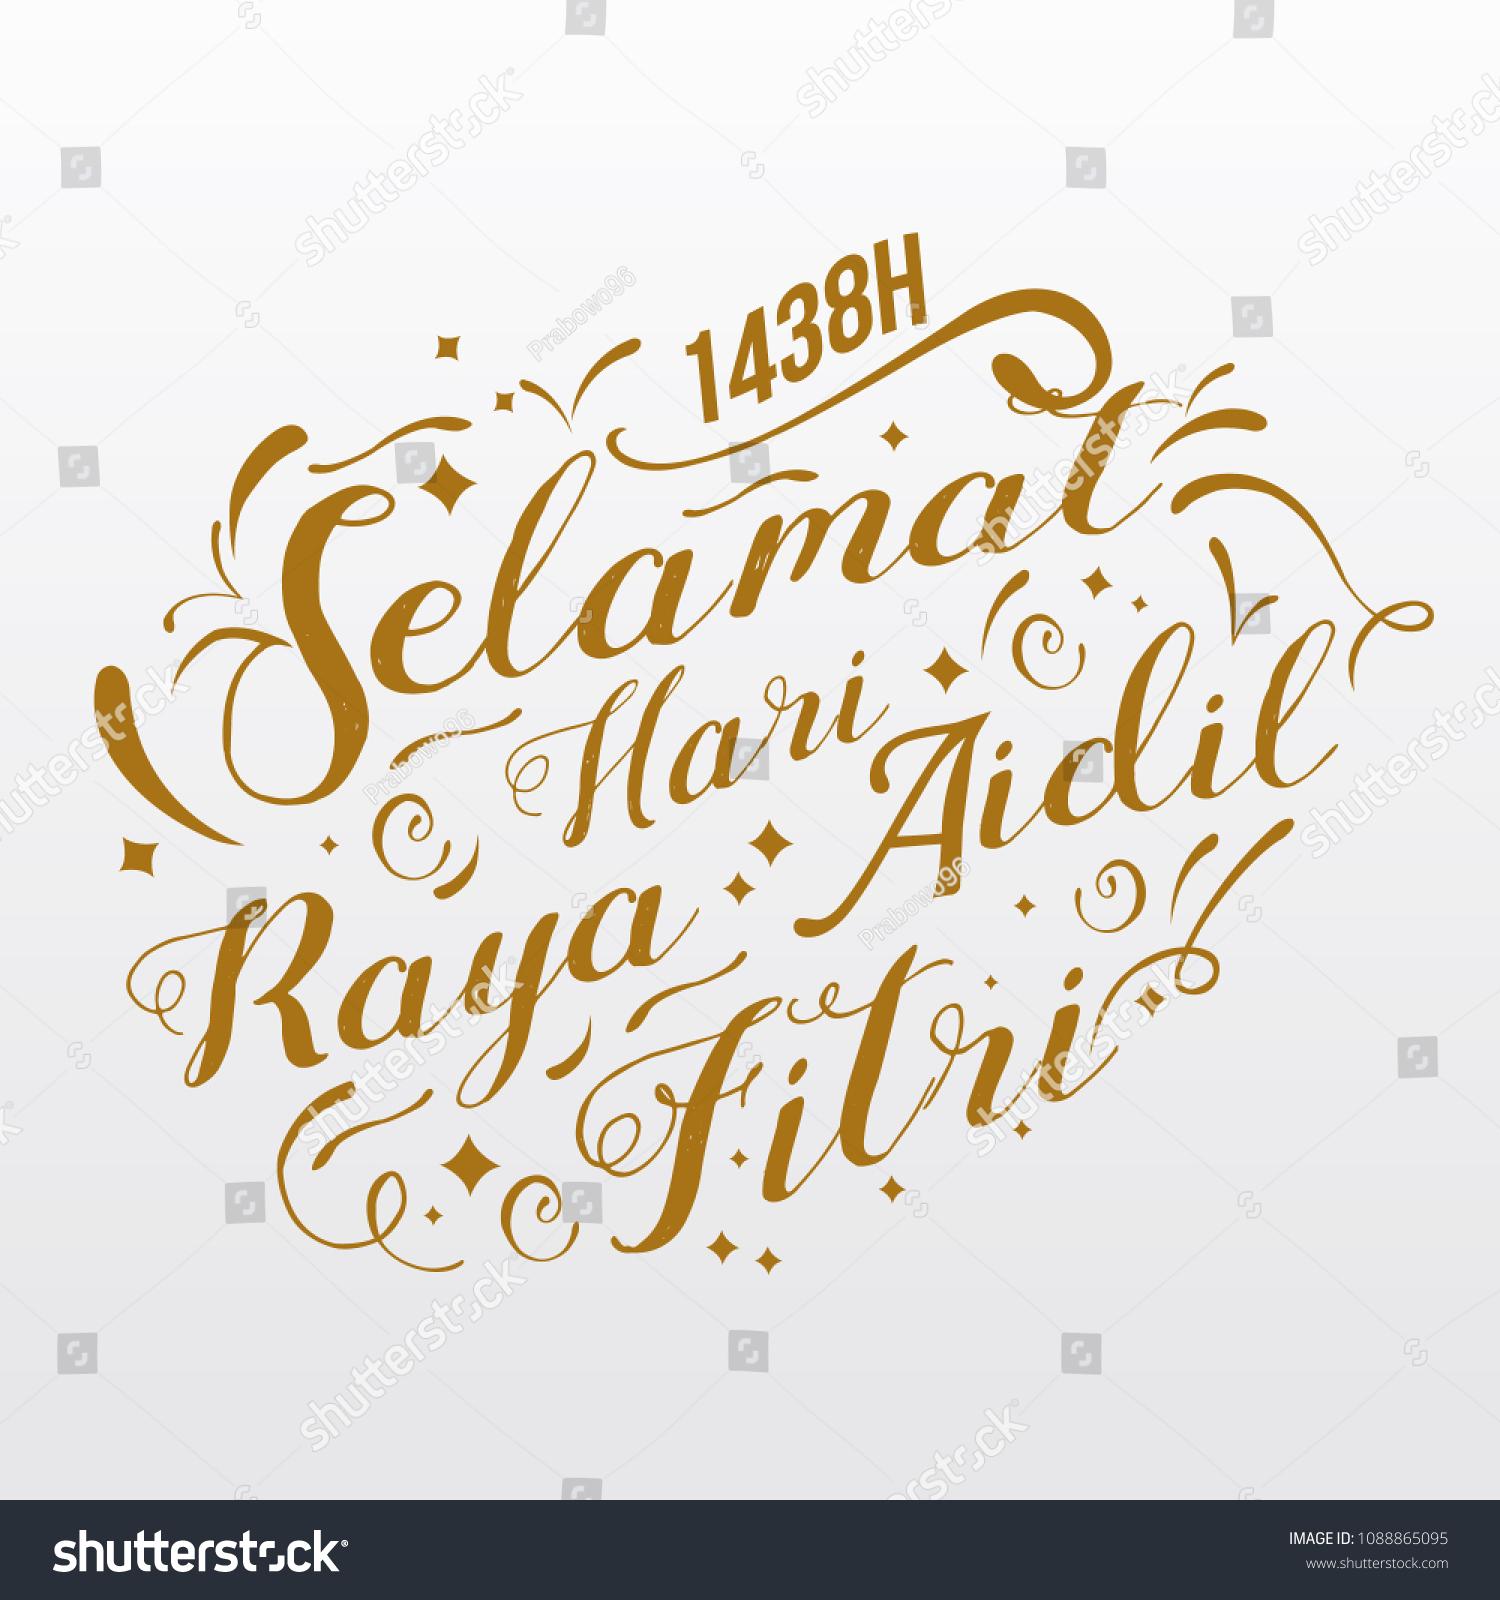 Top Idul Fitri Eid Al-Fitr Greeting - stock-vector-selamat-hari-raya-aidil-fitri-idul-fitri-hijriah-transalation-happy-eid-al-fitr-th-1088865095  Image_515981 .jpg